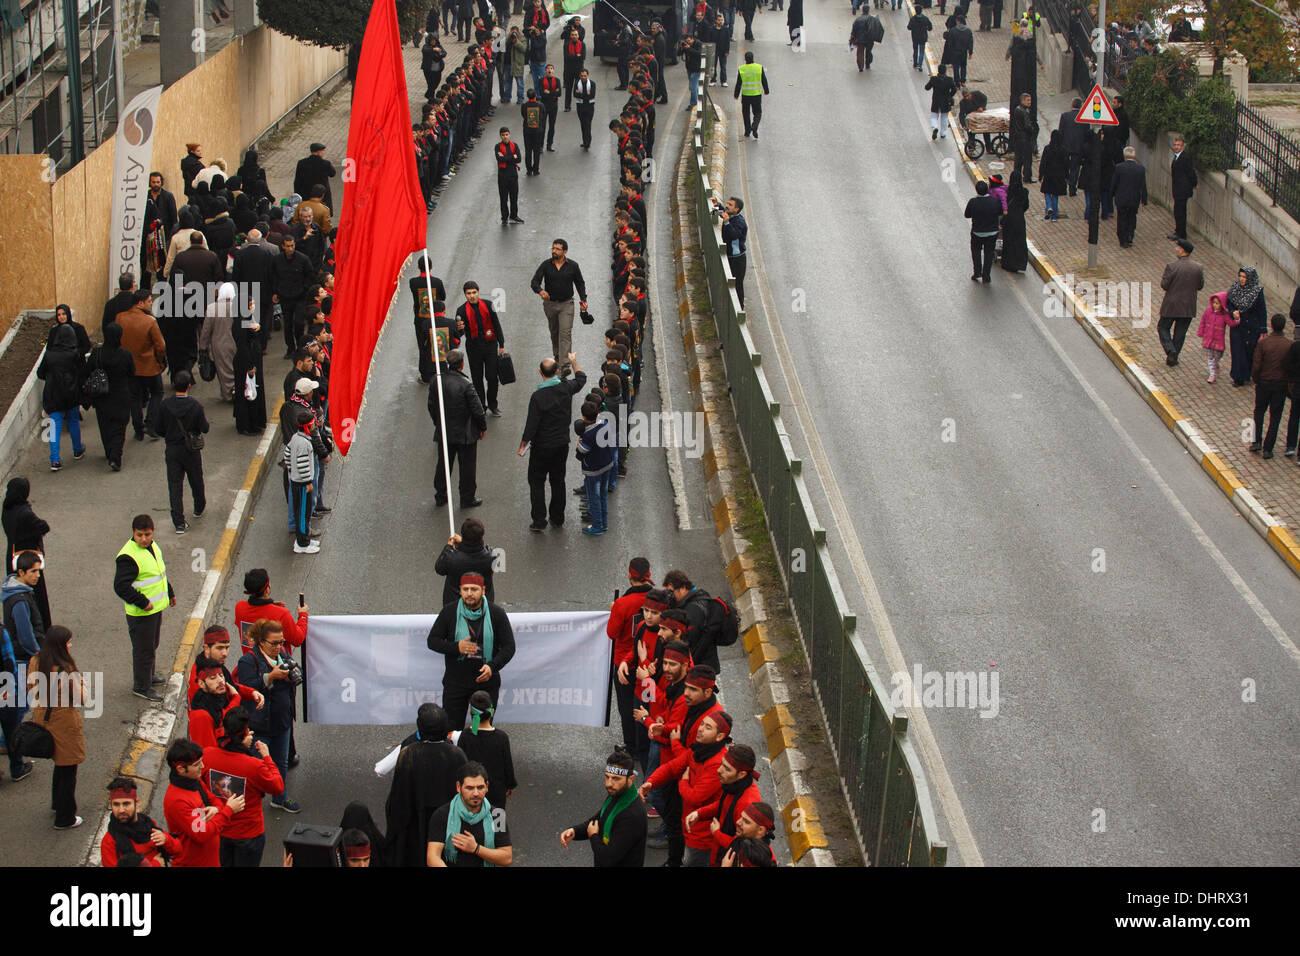 Istanbul, Turchia. Il 13 novembre 2013. .Migliaia di persone si sono riunite nel quartiere Halkali di Istanbul per contrassegnare Ashura rituali di lutto. Ashura è il nome del giorno quando l imam Hussein, il nipote del profeta Maometto e 72 dei suoi familiari e compagni che sono stati brutalmente uccisi dalle forze di Umayyad Califfo Yazid I di Karbala. Questa battaglia sottolinea il divario tra Allawi e Shia rami dell islam. Gli uomini, le donne e i bambini cantano e battere il loro lutto cassettiere Hussein, della sua famiglia e dei suoi seguaci. Credito: Yavuz Sariyildiz/Alamy Live News Immagini Stock